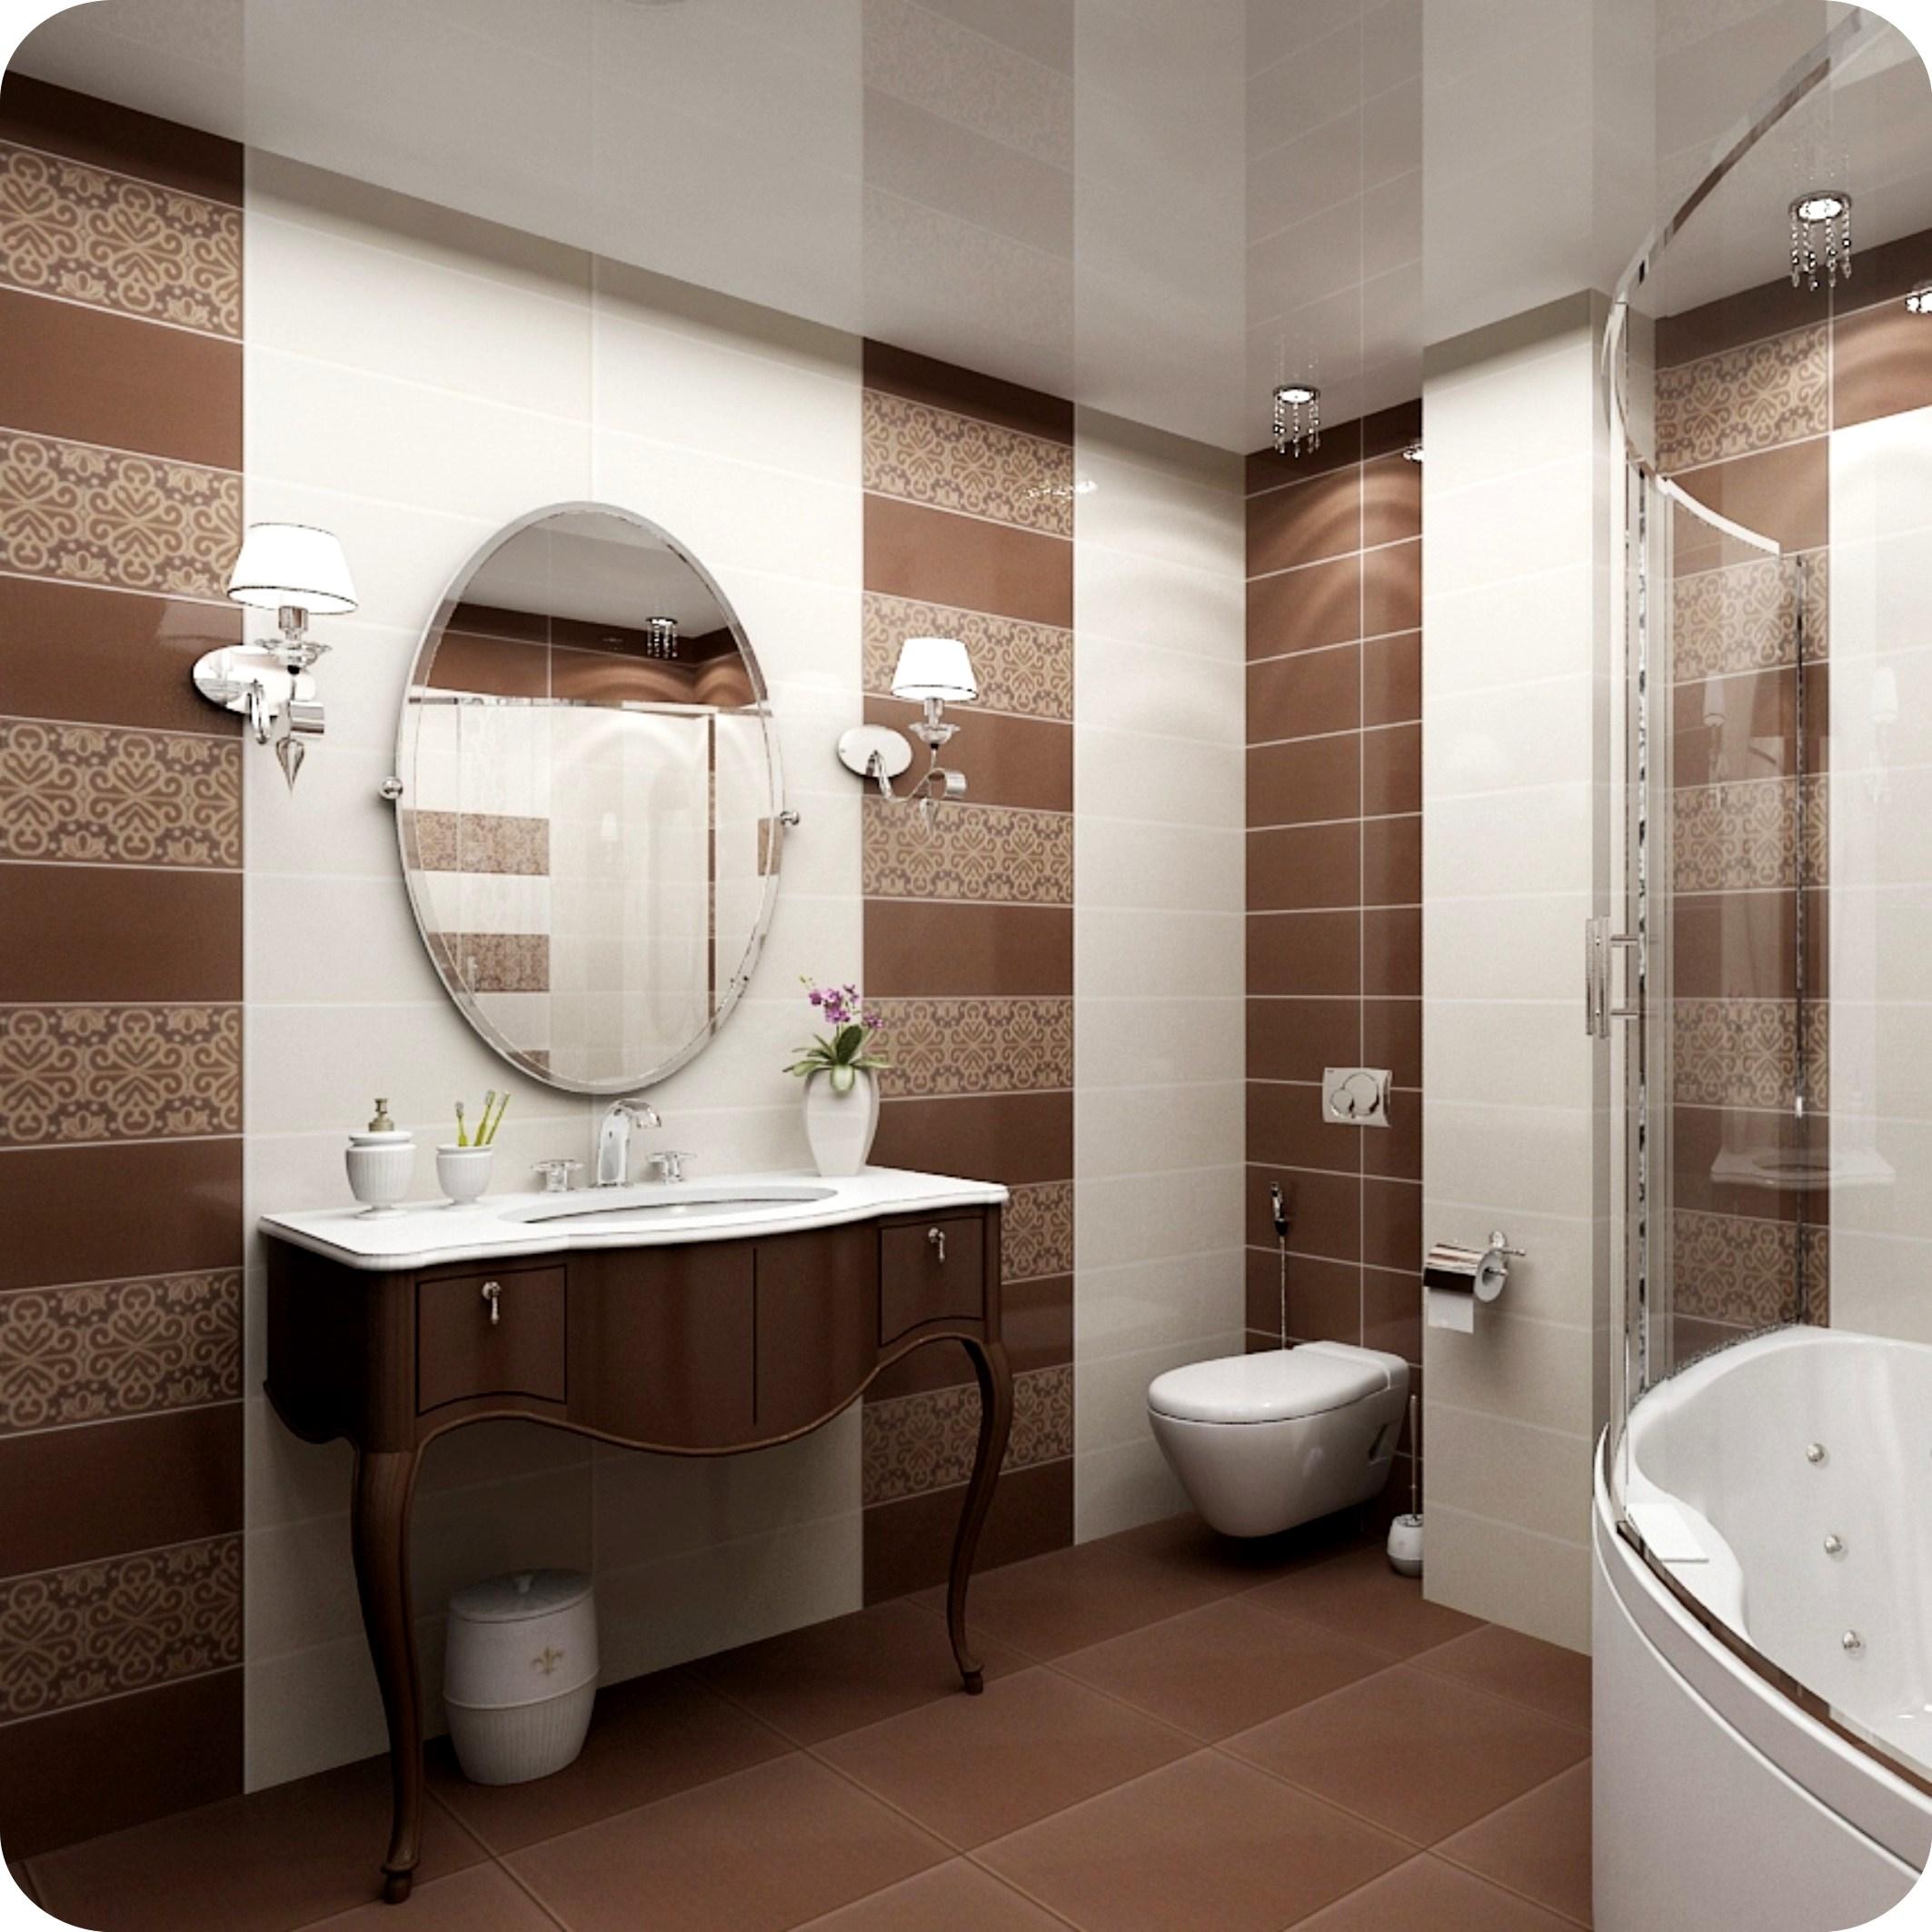 Как правильно выбрать потолок для ванной комнаты с отделкой кафельной плиткой